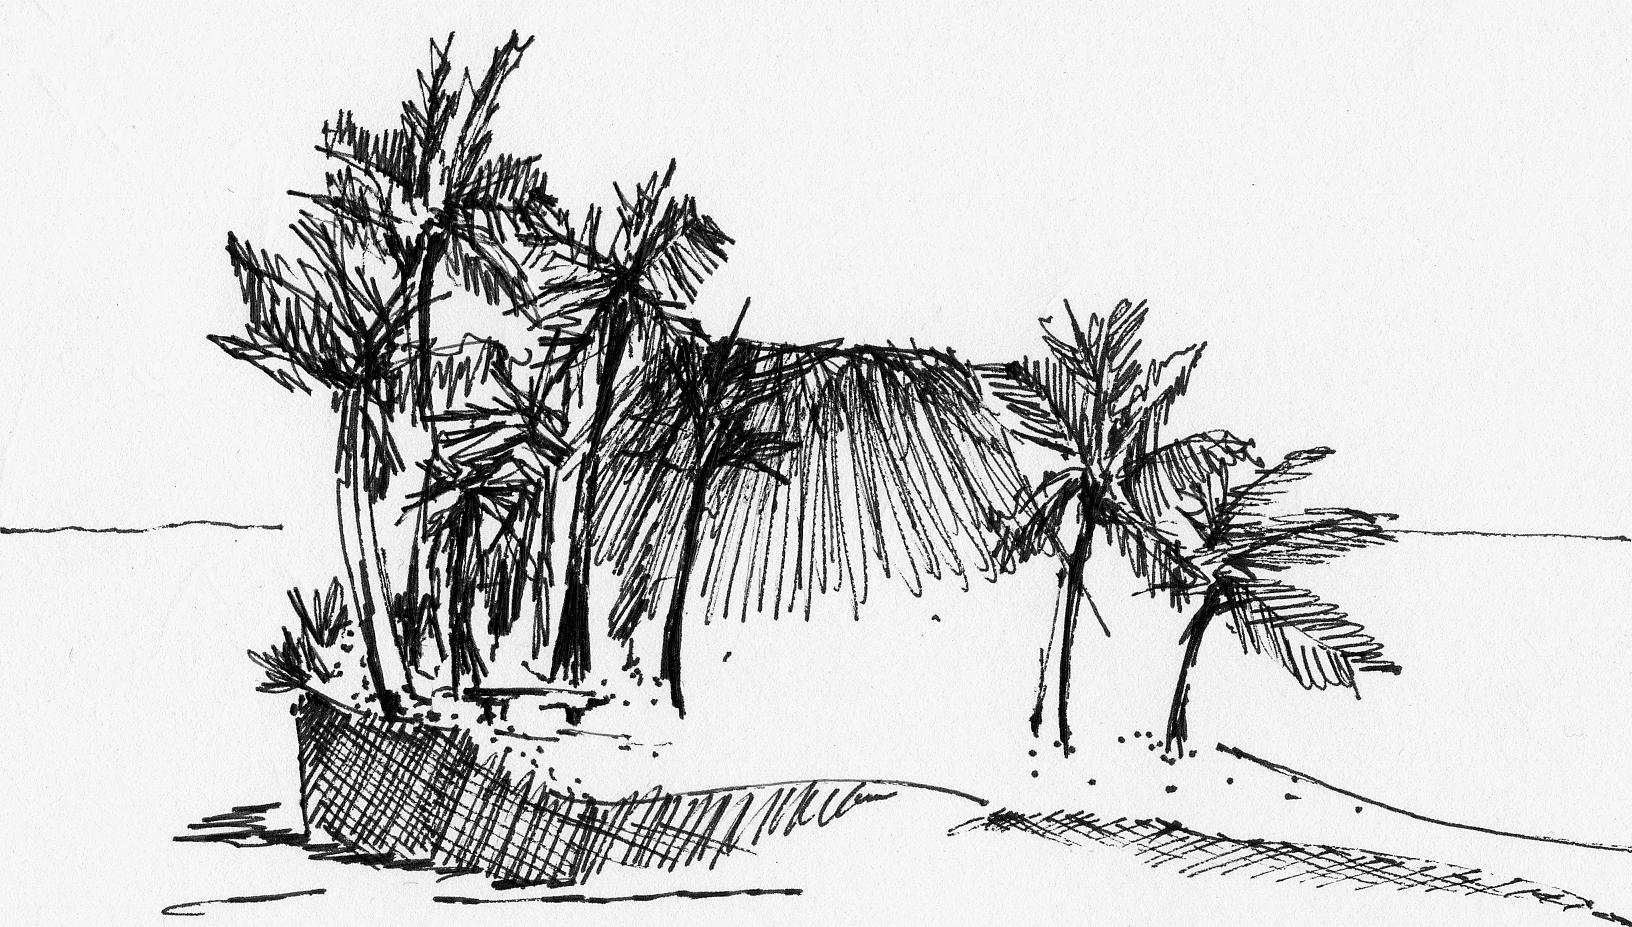 JenJonesArchitecture_Fiji-sketch01.jpeg